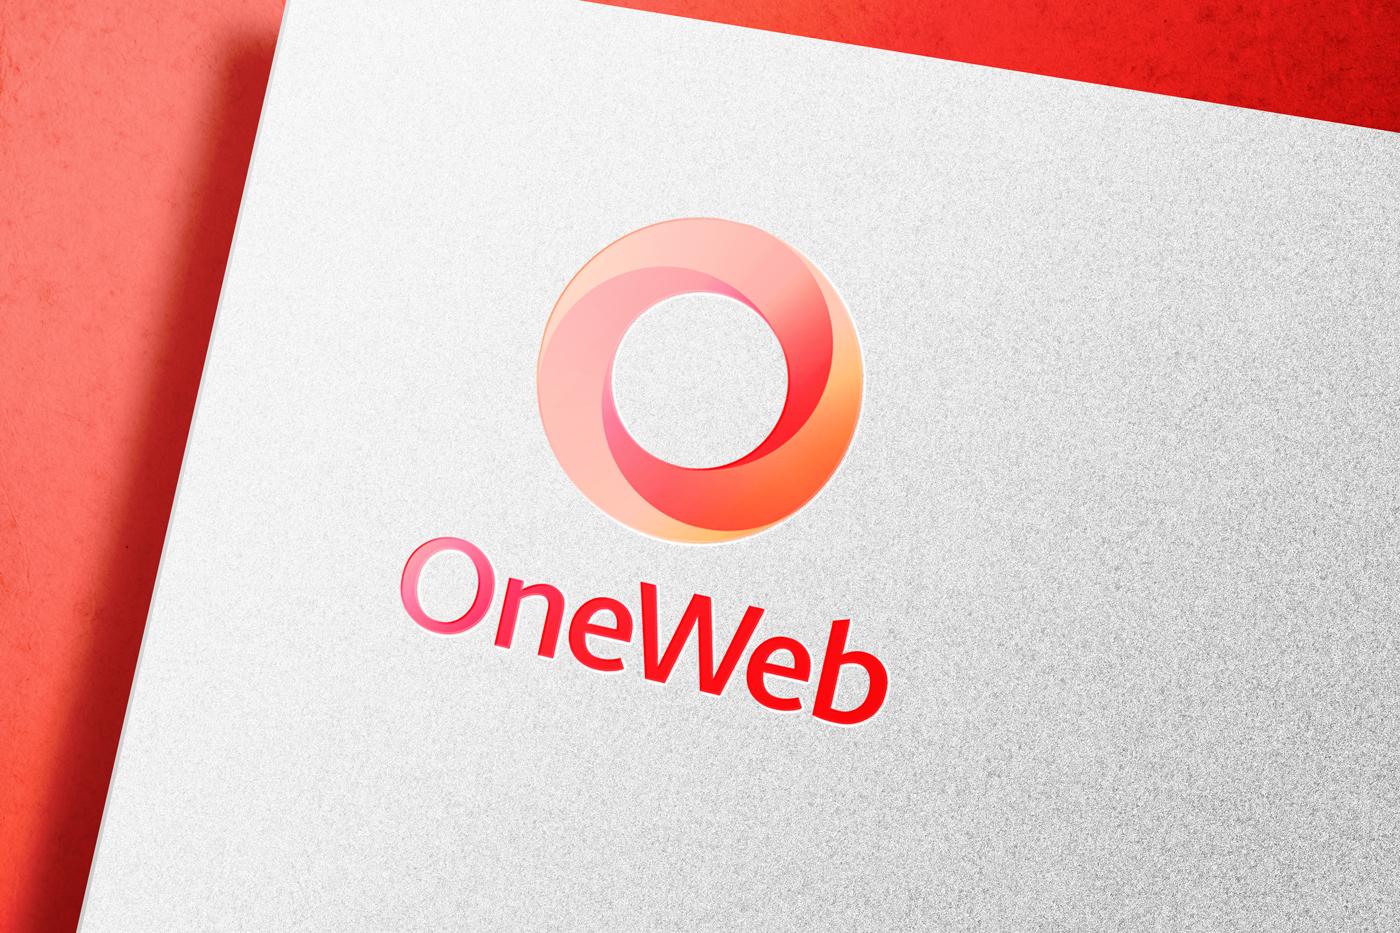 OneWeb Logo Mockup